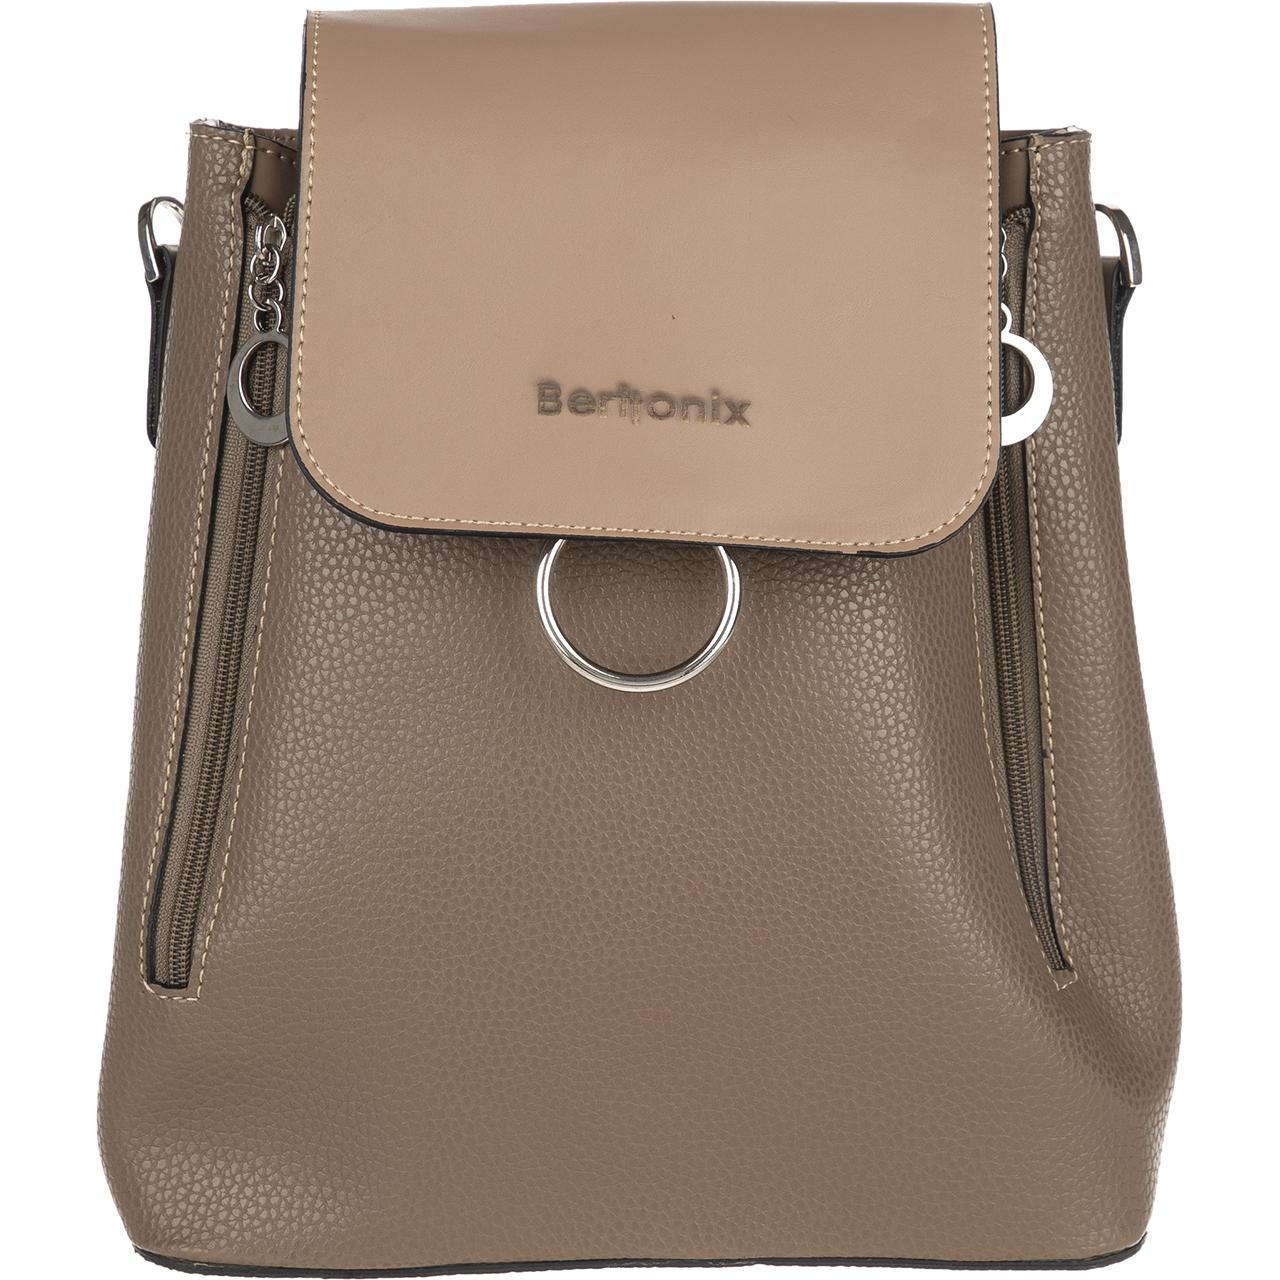 قیمت کوله پشتی زنانه برتونیکس مدل B101-30